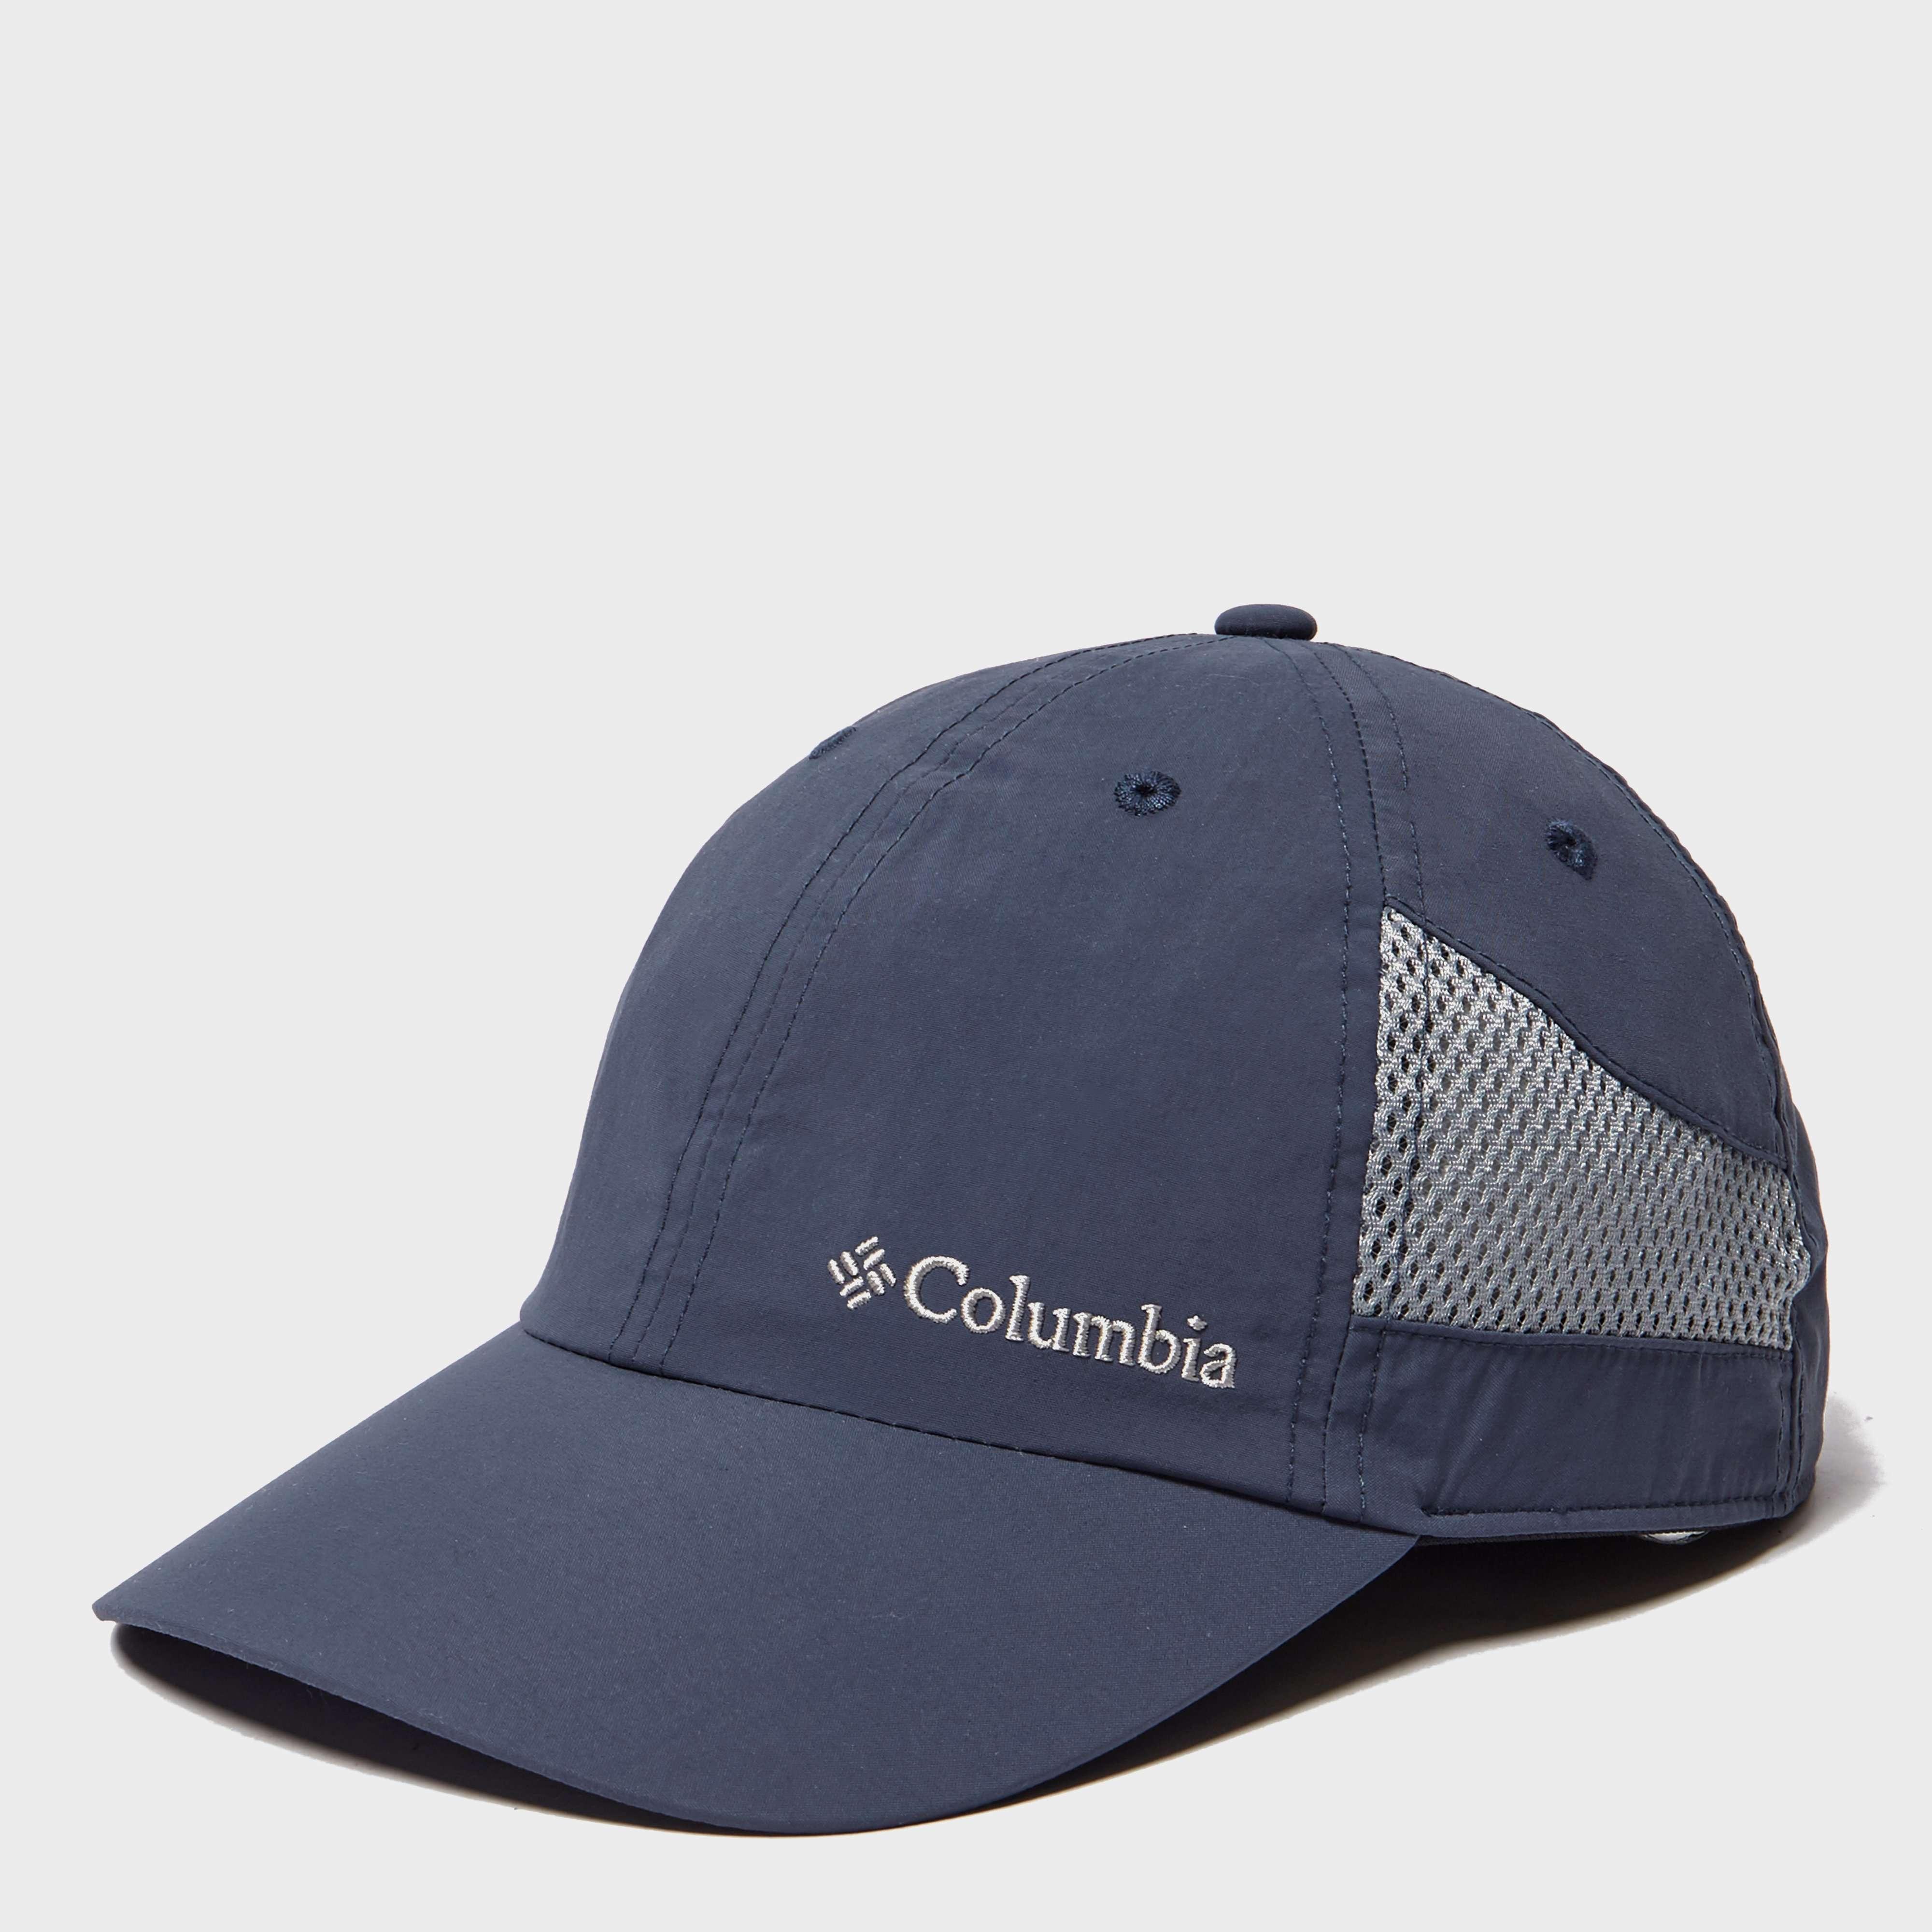 COLUMBIA Women's Tech Shade Cap